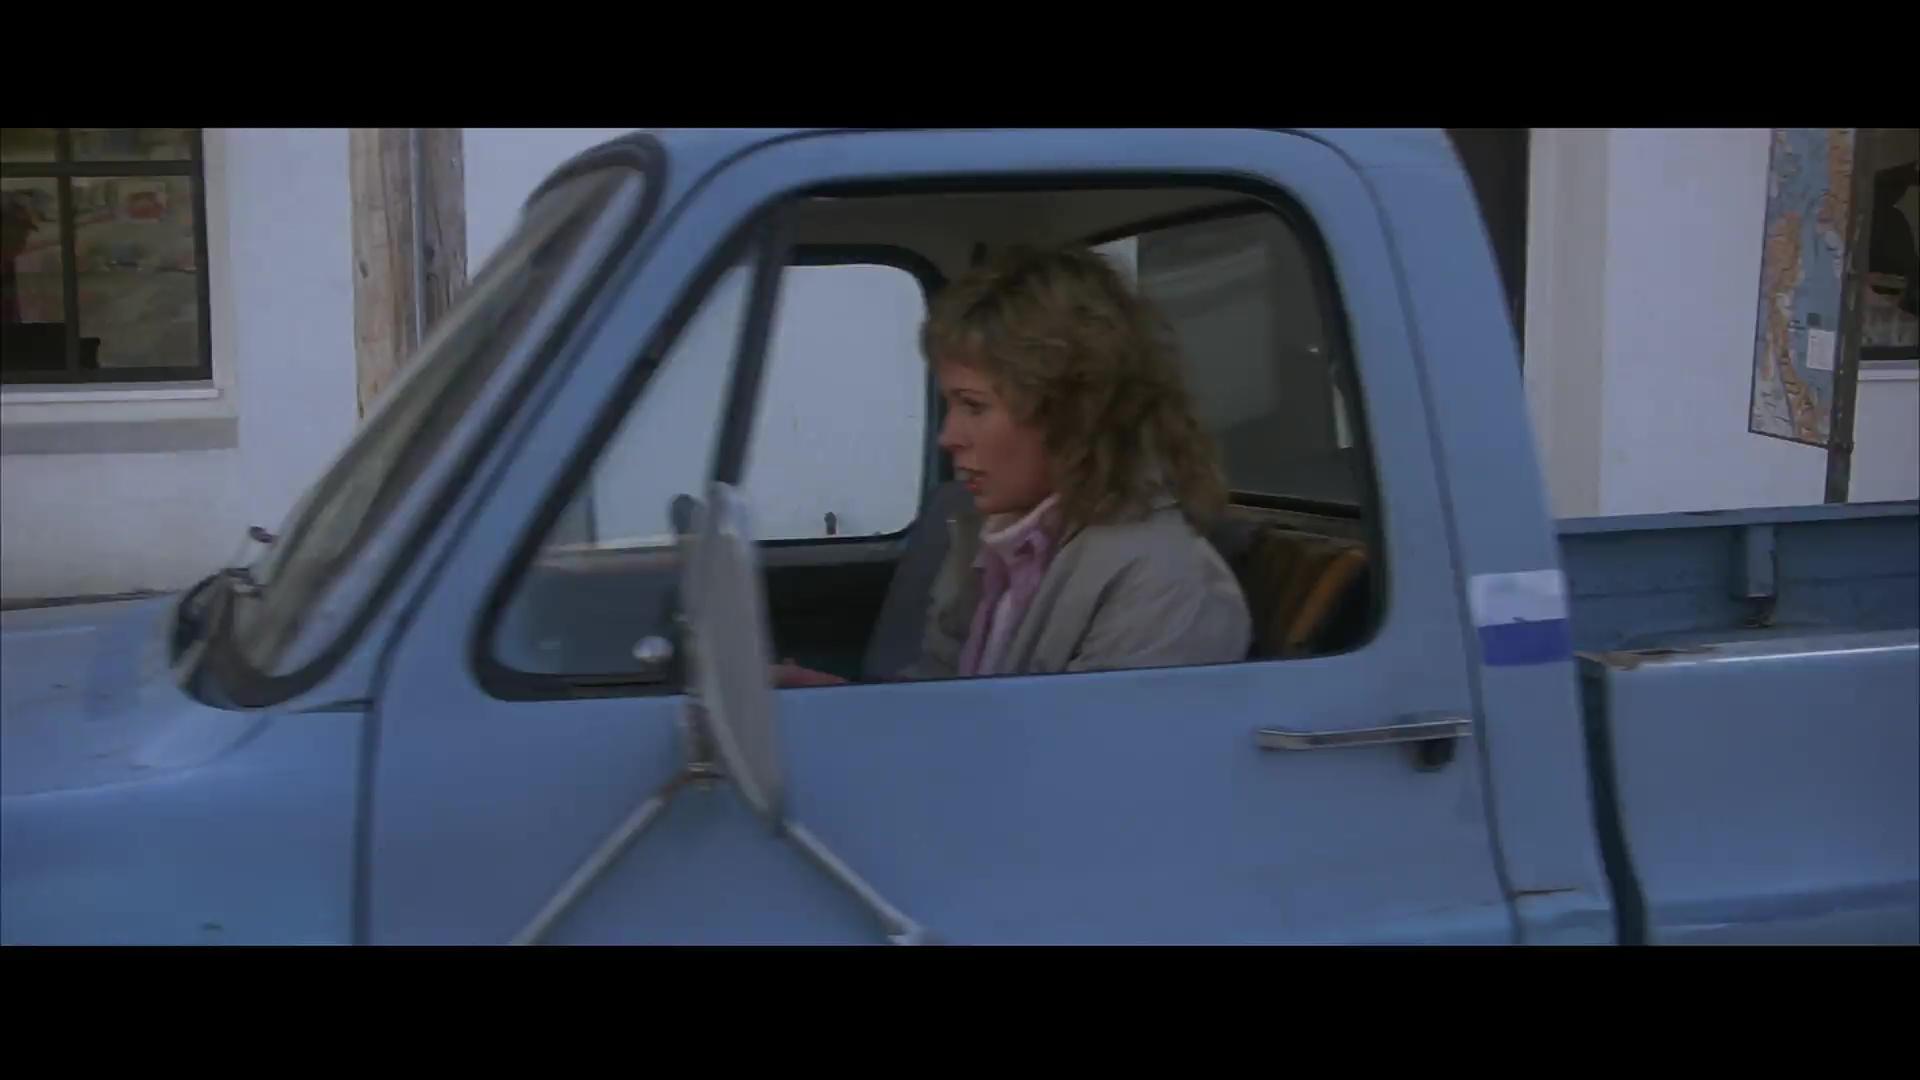 Viaje A Las Estrellas 4 Mision Salvar La Tierra 1080p Lat-Cast-Ing 5.1 (1986)